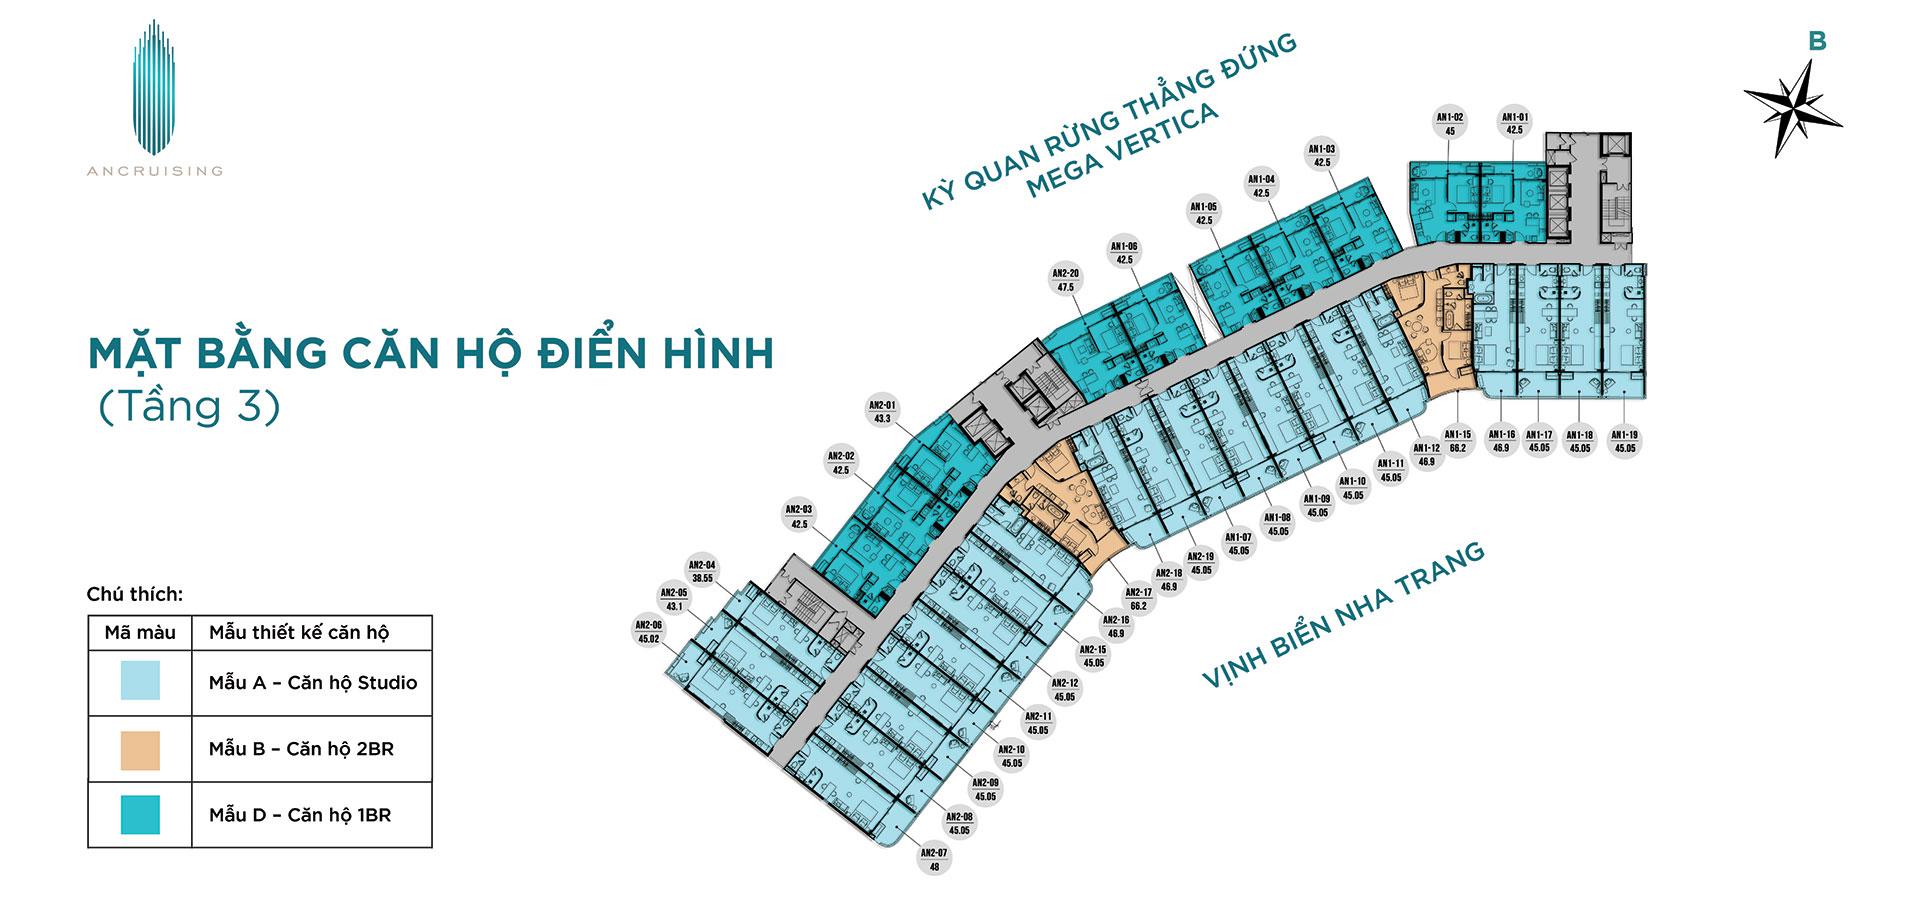 Mặt bằng tầng 3 dự án ANCruising Nha Trang